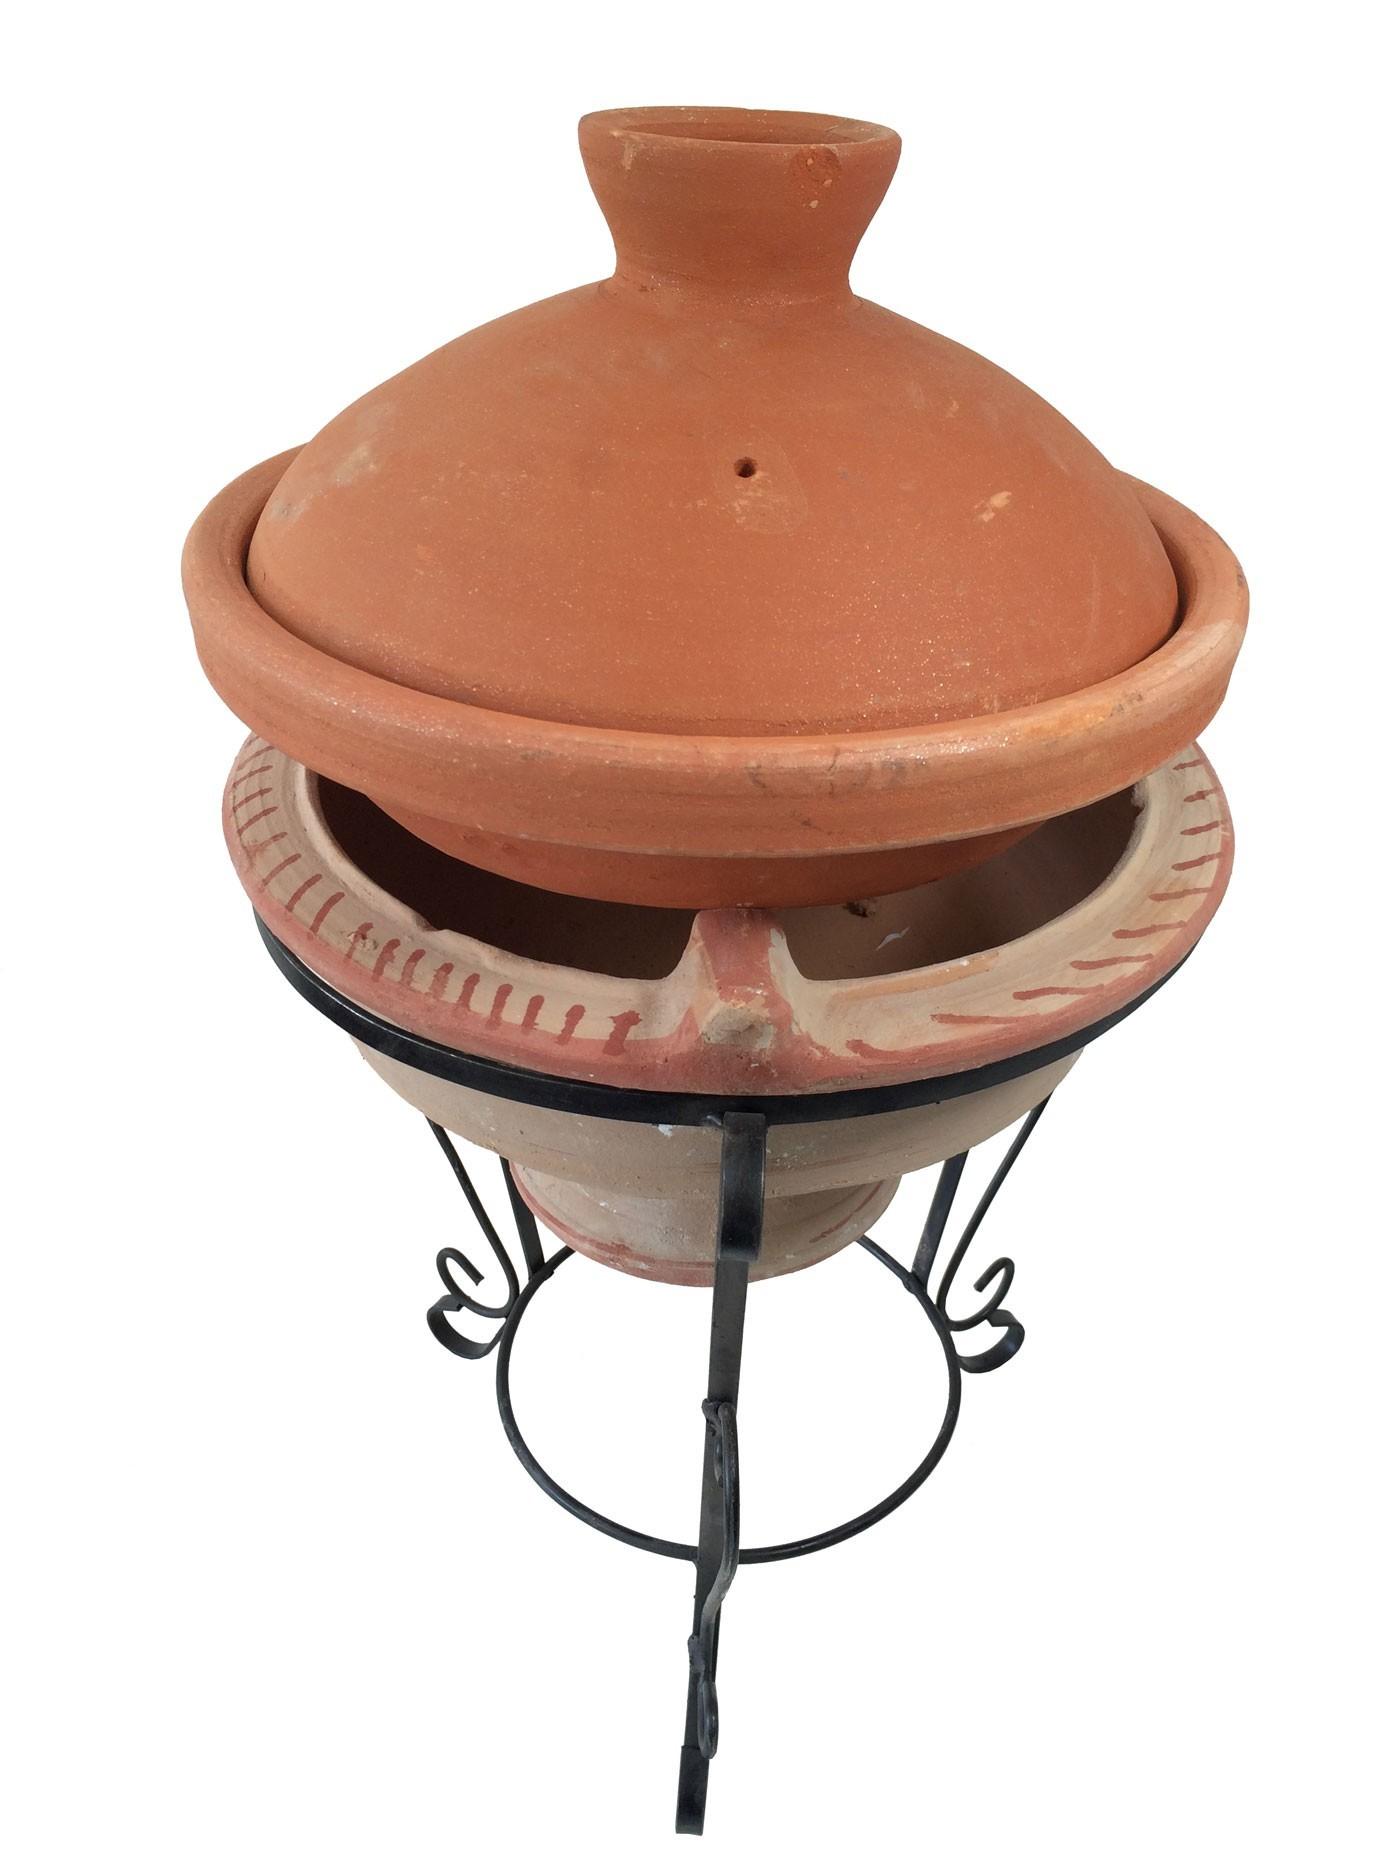 Plat tajine terre cuite d cor diam 30 et son brasero cm - Plat a tajine en terre cuite ...